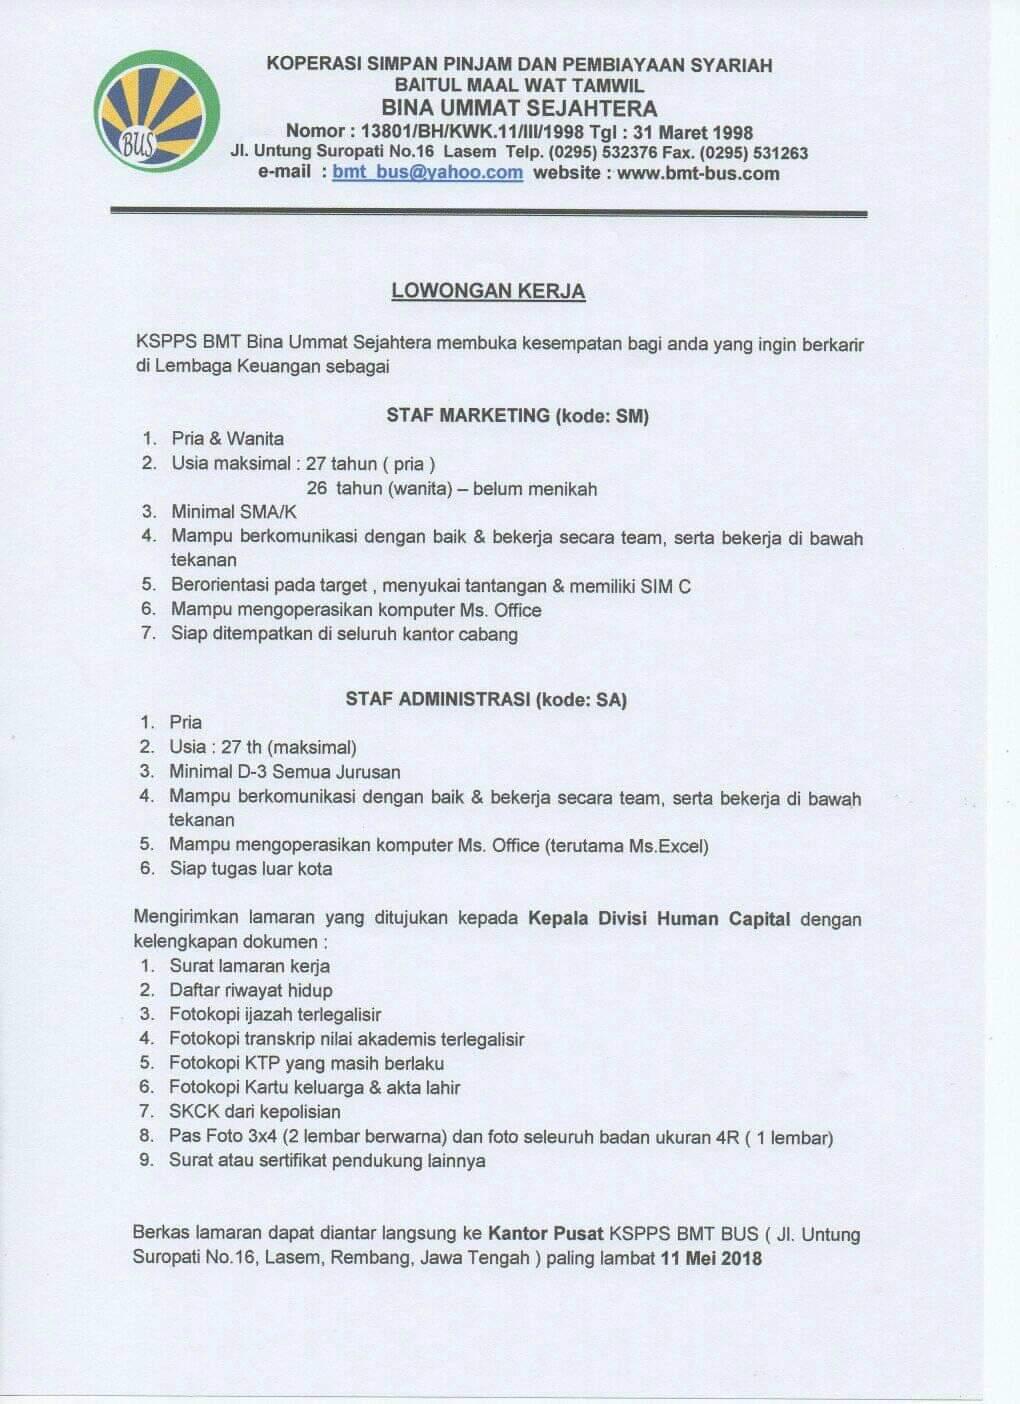 Informasi Lowongan Kerja Staf Marketing, Staf Administrasi di KSPPS Bina Ummat Sejahtera Pati